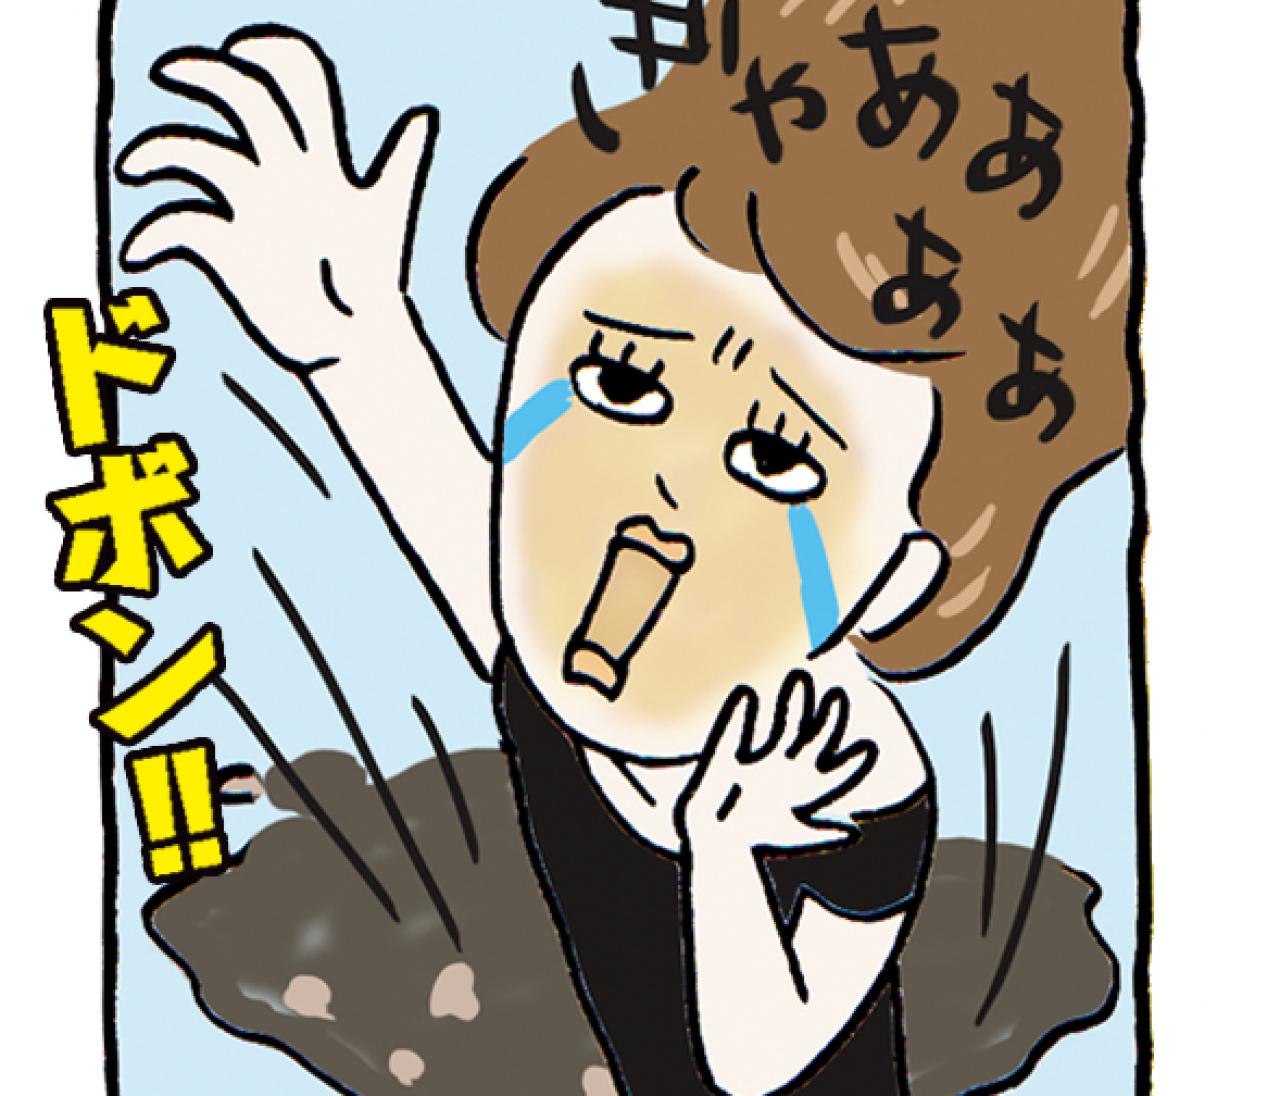 美白ケアが効かない?! ハマるなキケン!【白くならない糖化穴】 大人の夏スキンケア